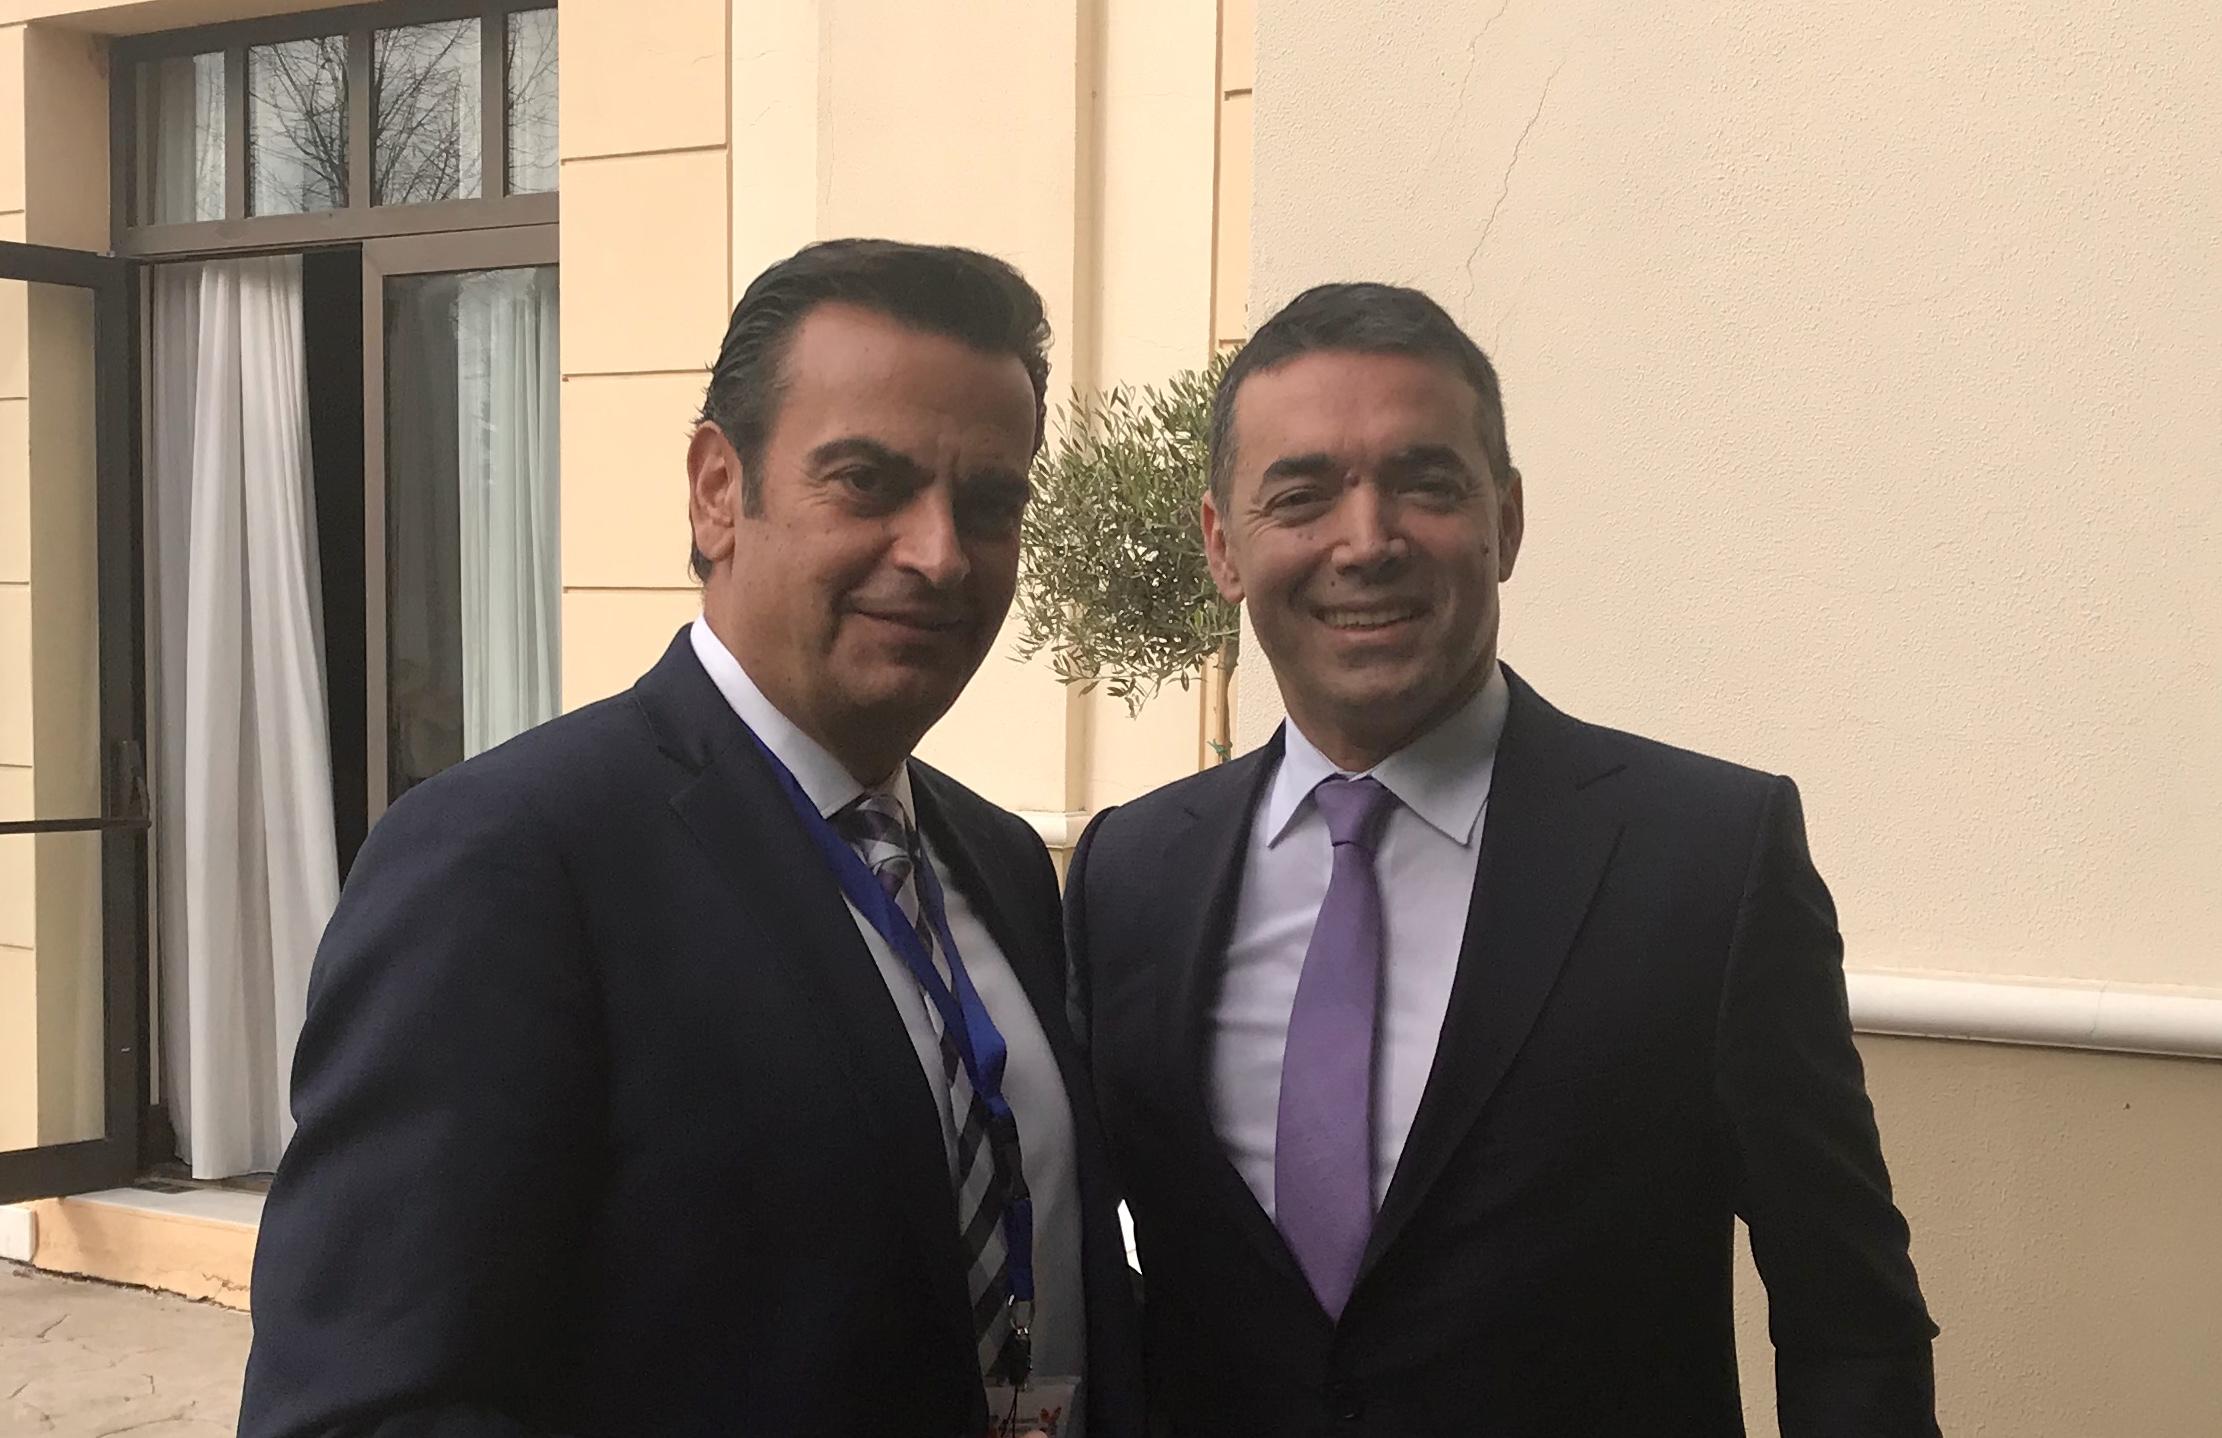 Συνέντευξη/ΙΒΝΑ: Ν. Dimitrov: «Η συμφωνία των Πρεσπών θα είναι ένα κίνητρο για το Βελιγράδι και την Πρίστινα»